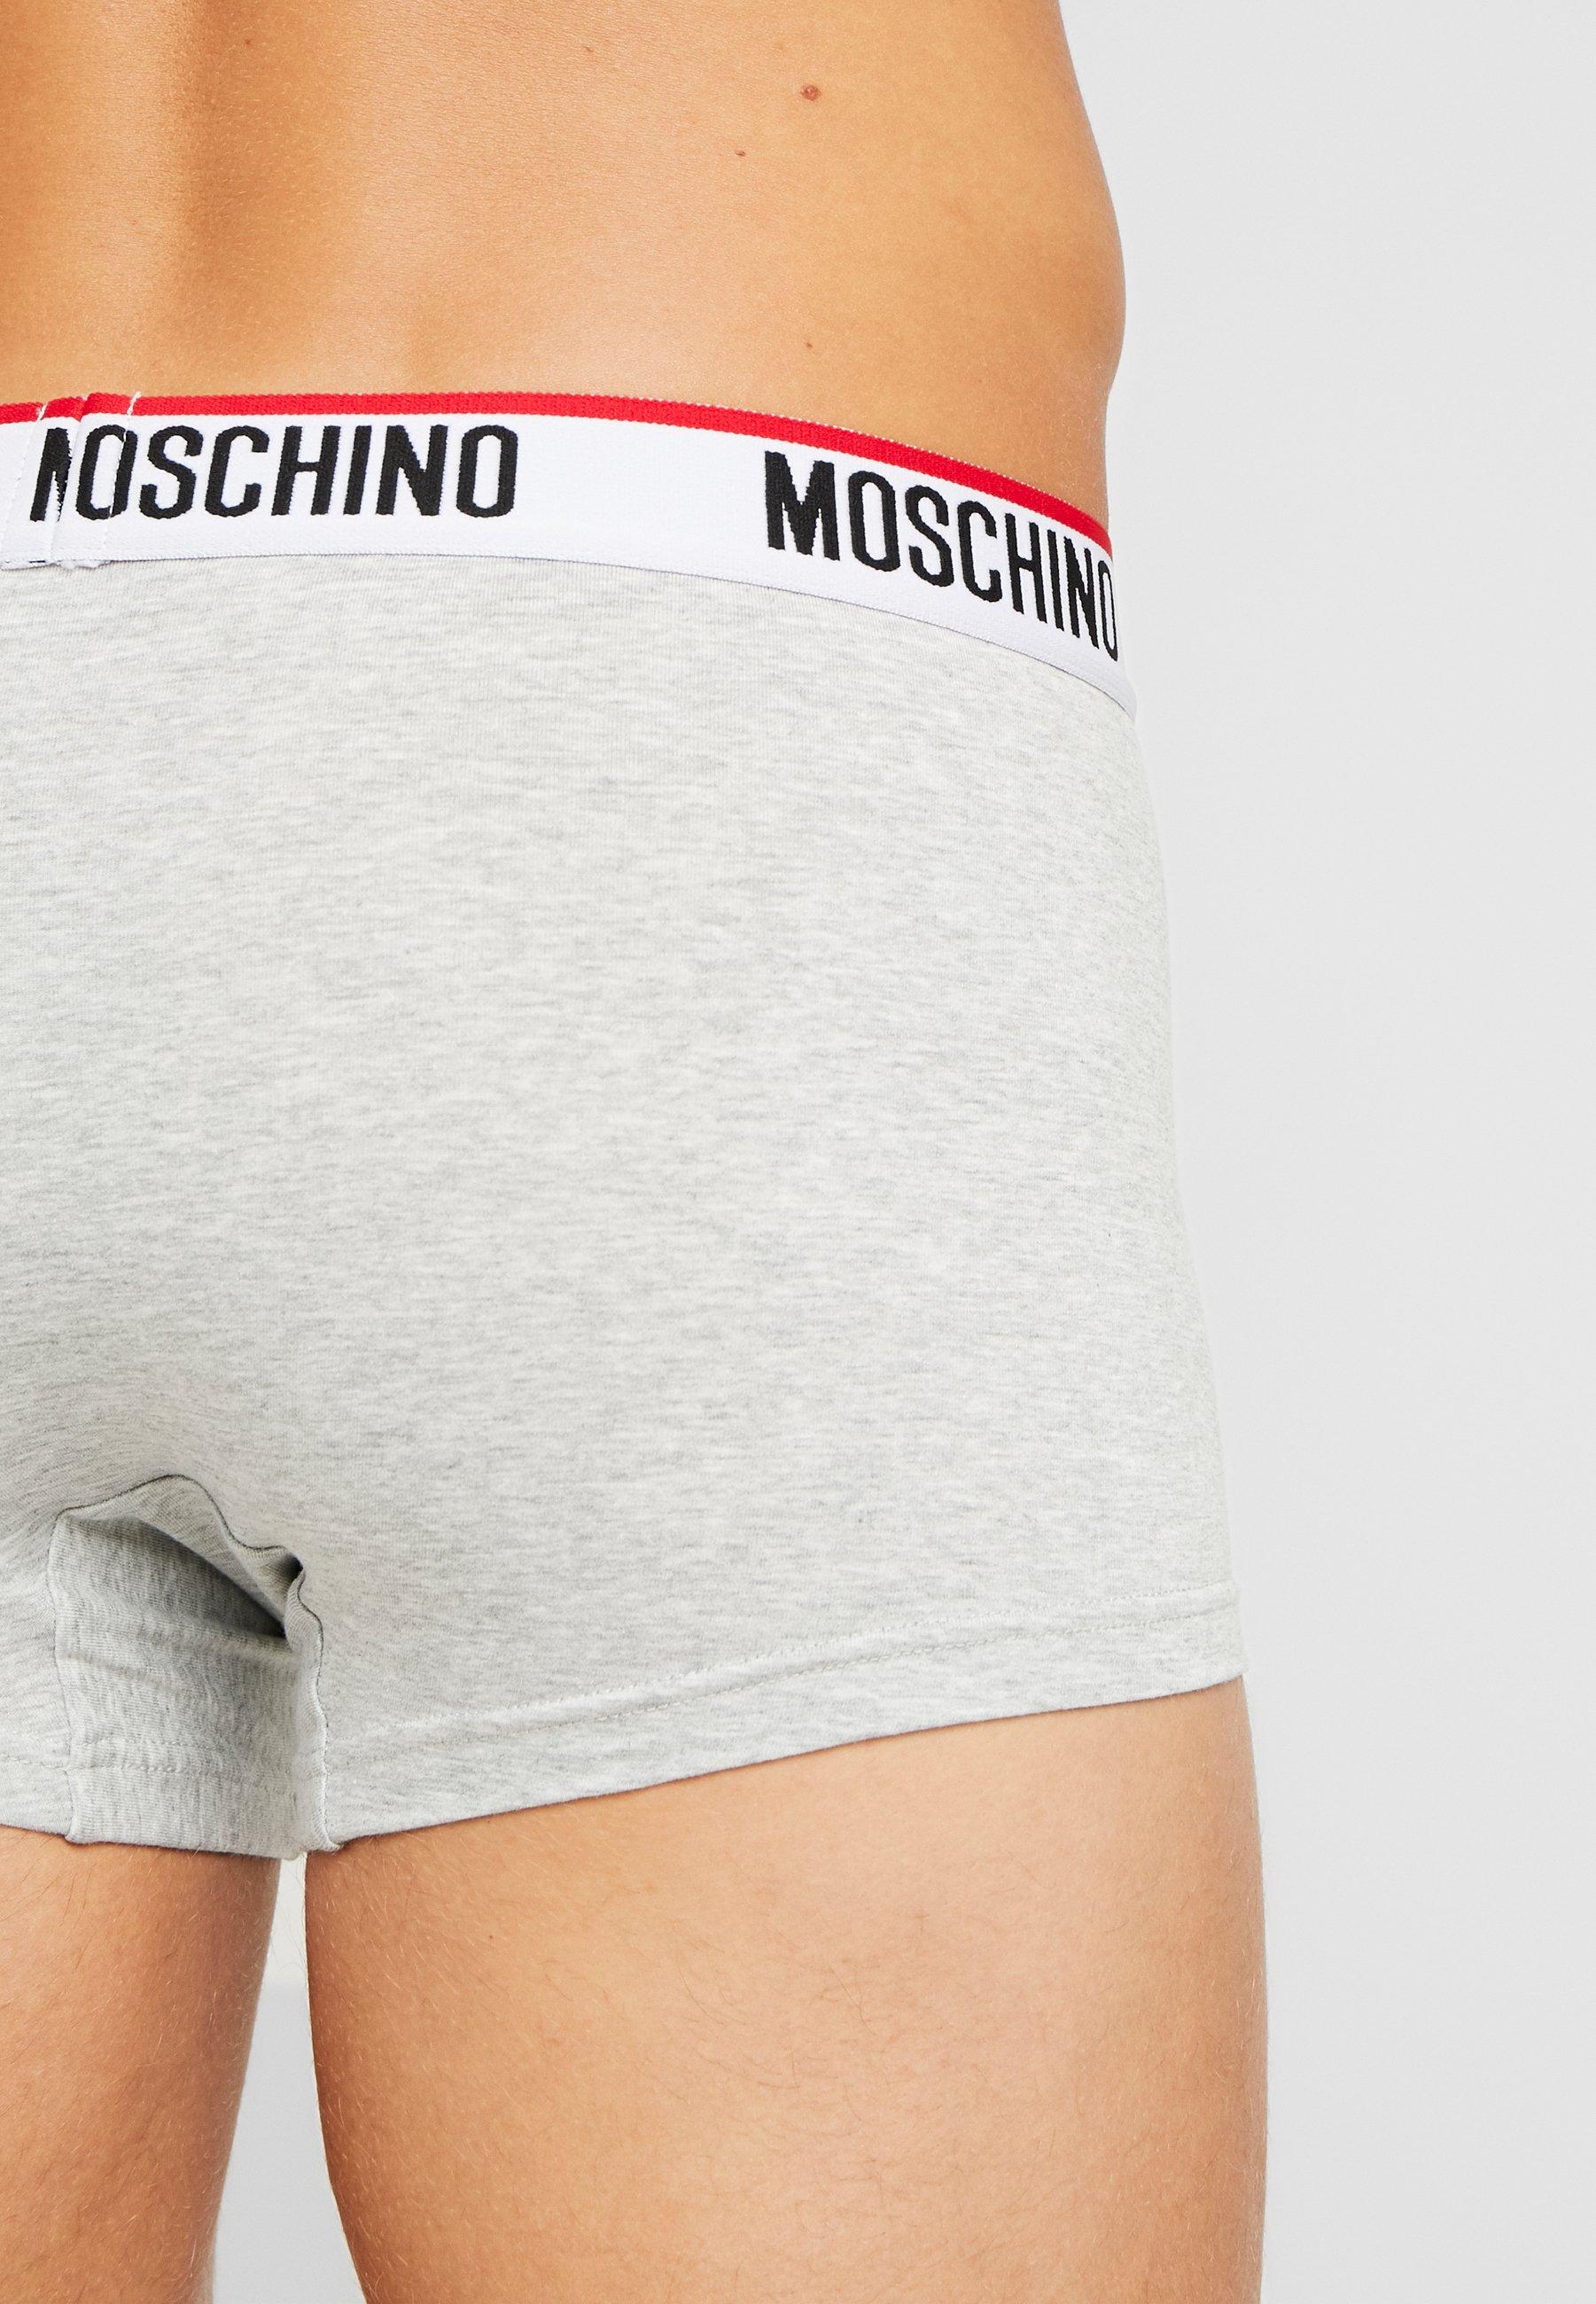 2 Underwear PackShorty Moschino Grey lJcTK1F